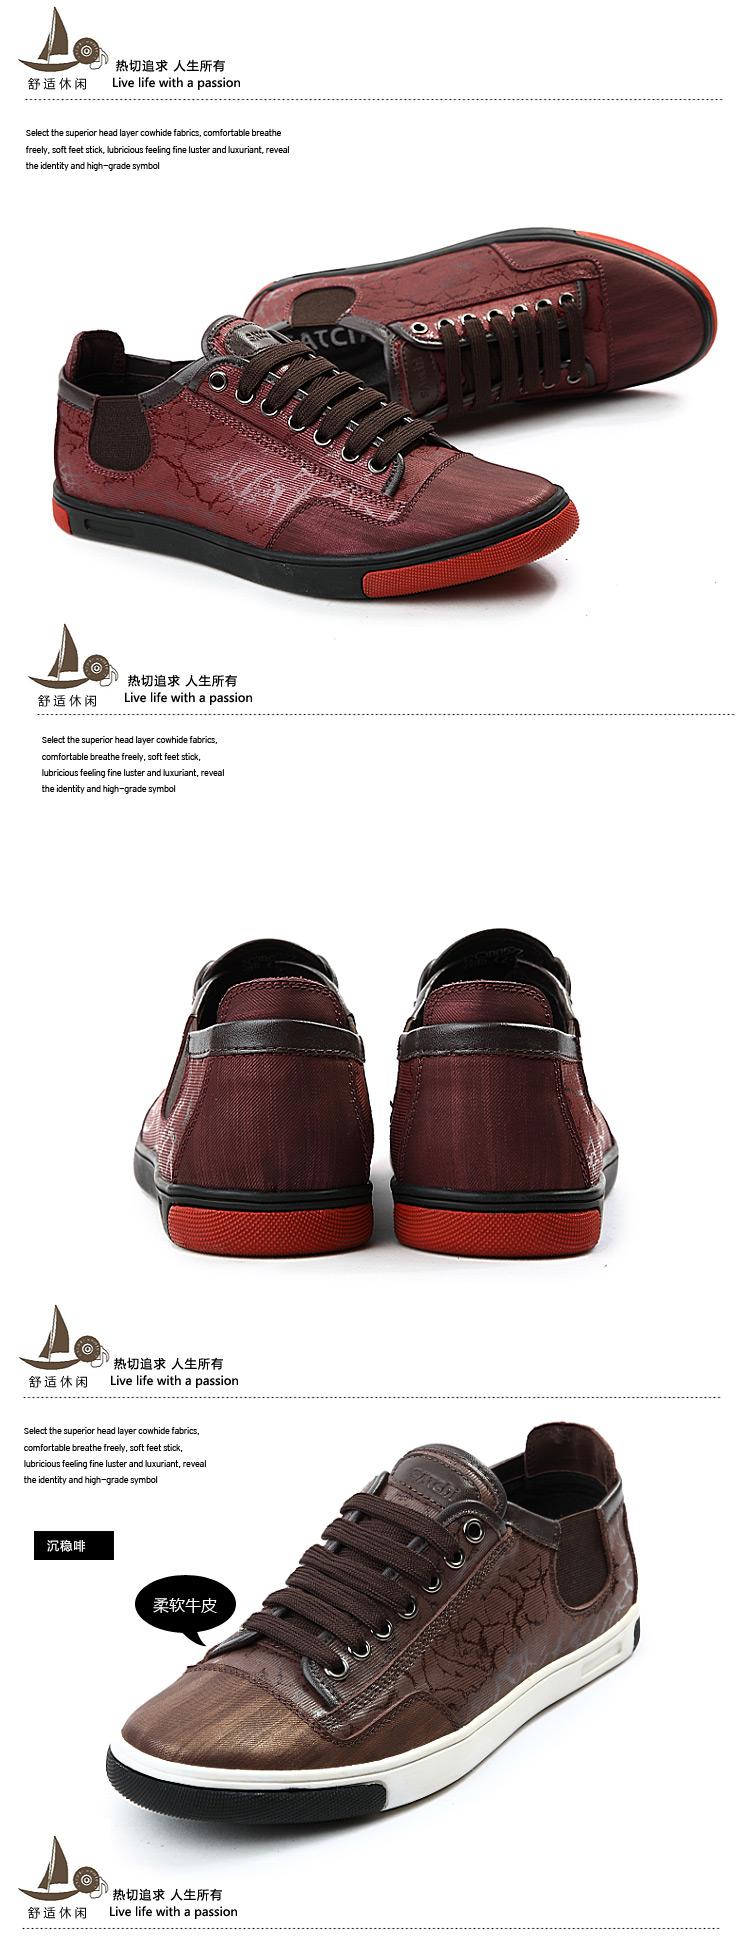 2012款休闲运动鞋 尖头系带男鞋真皮(偏大一码)|32